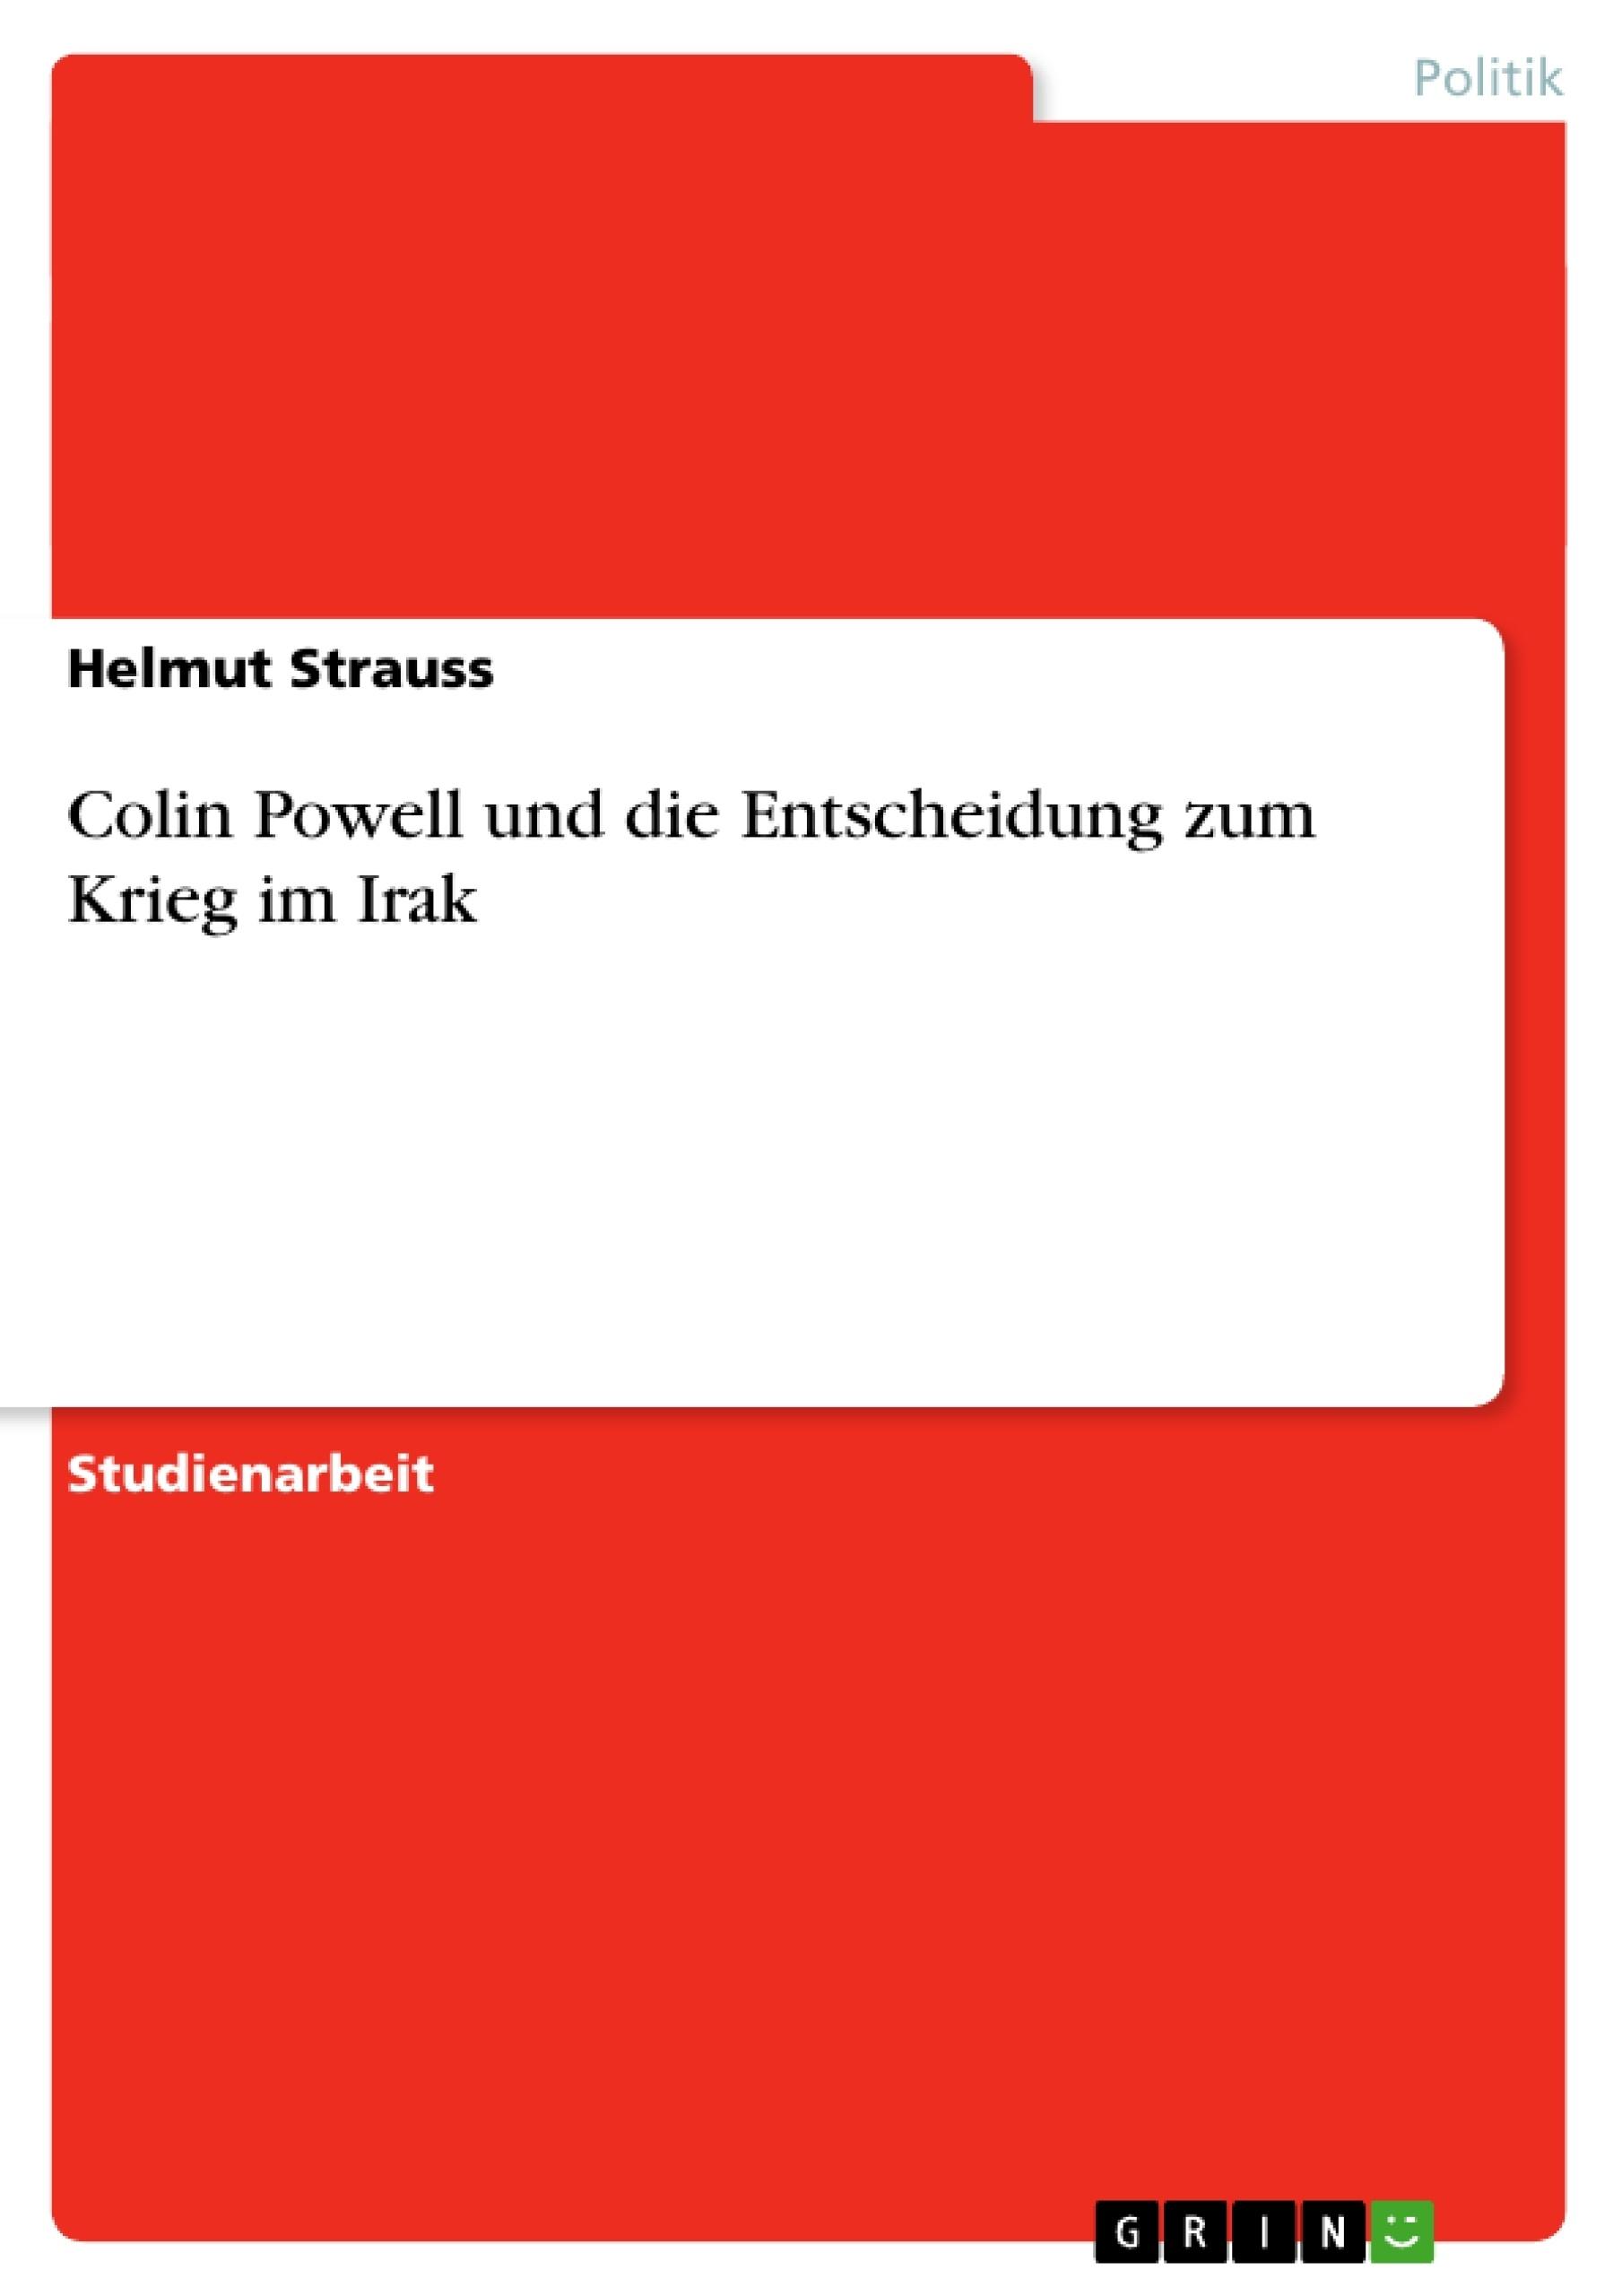 Titel: Colin Powell und die Entscheidung zum Krieg im Irak